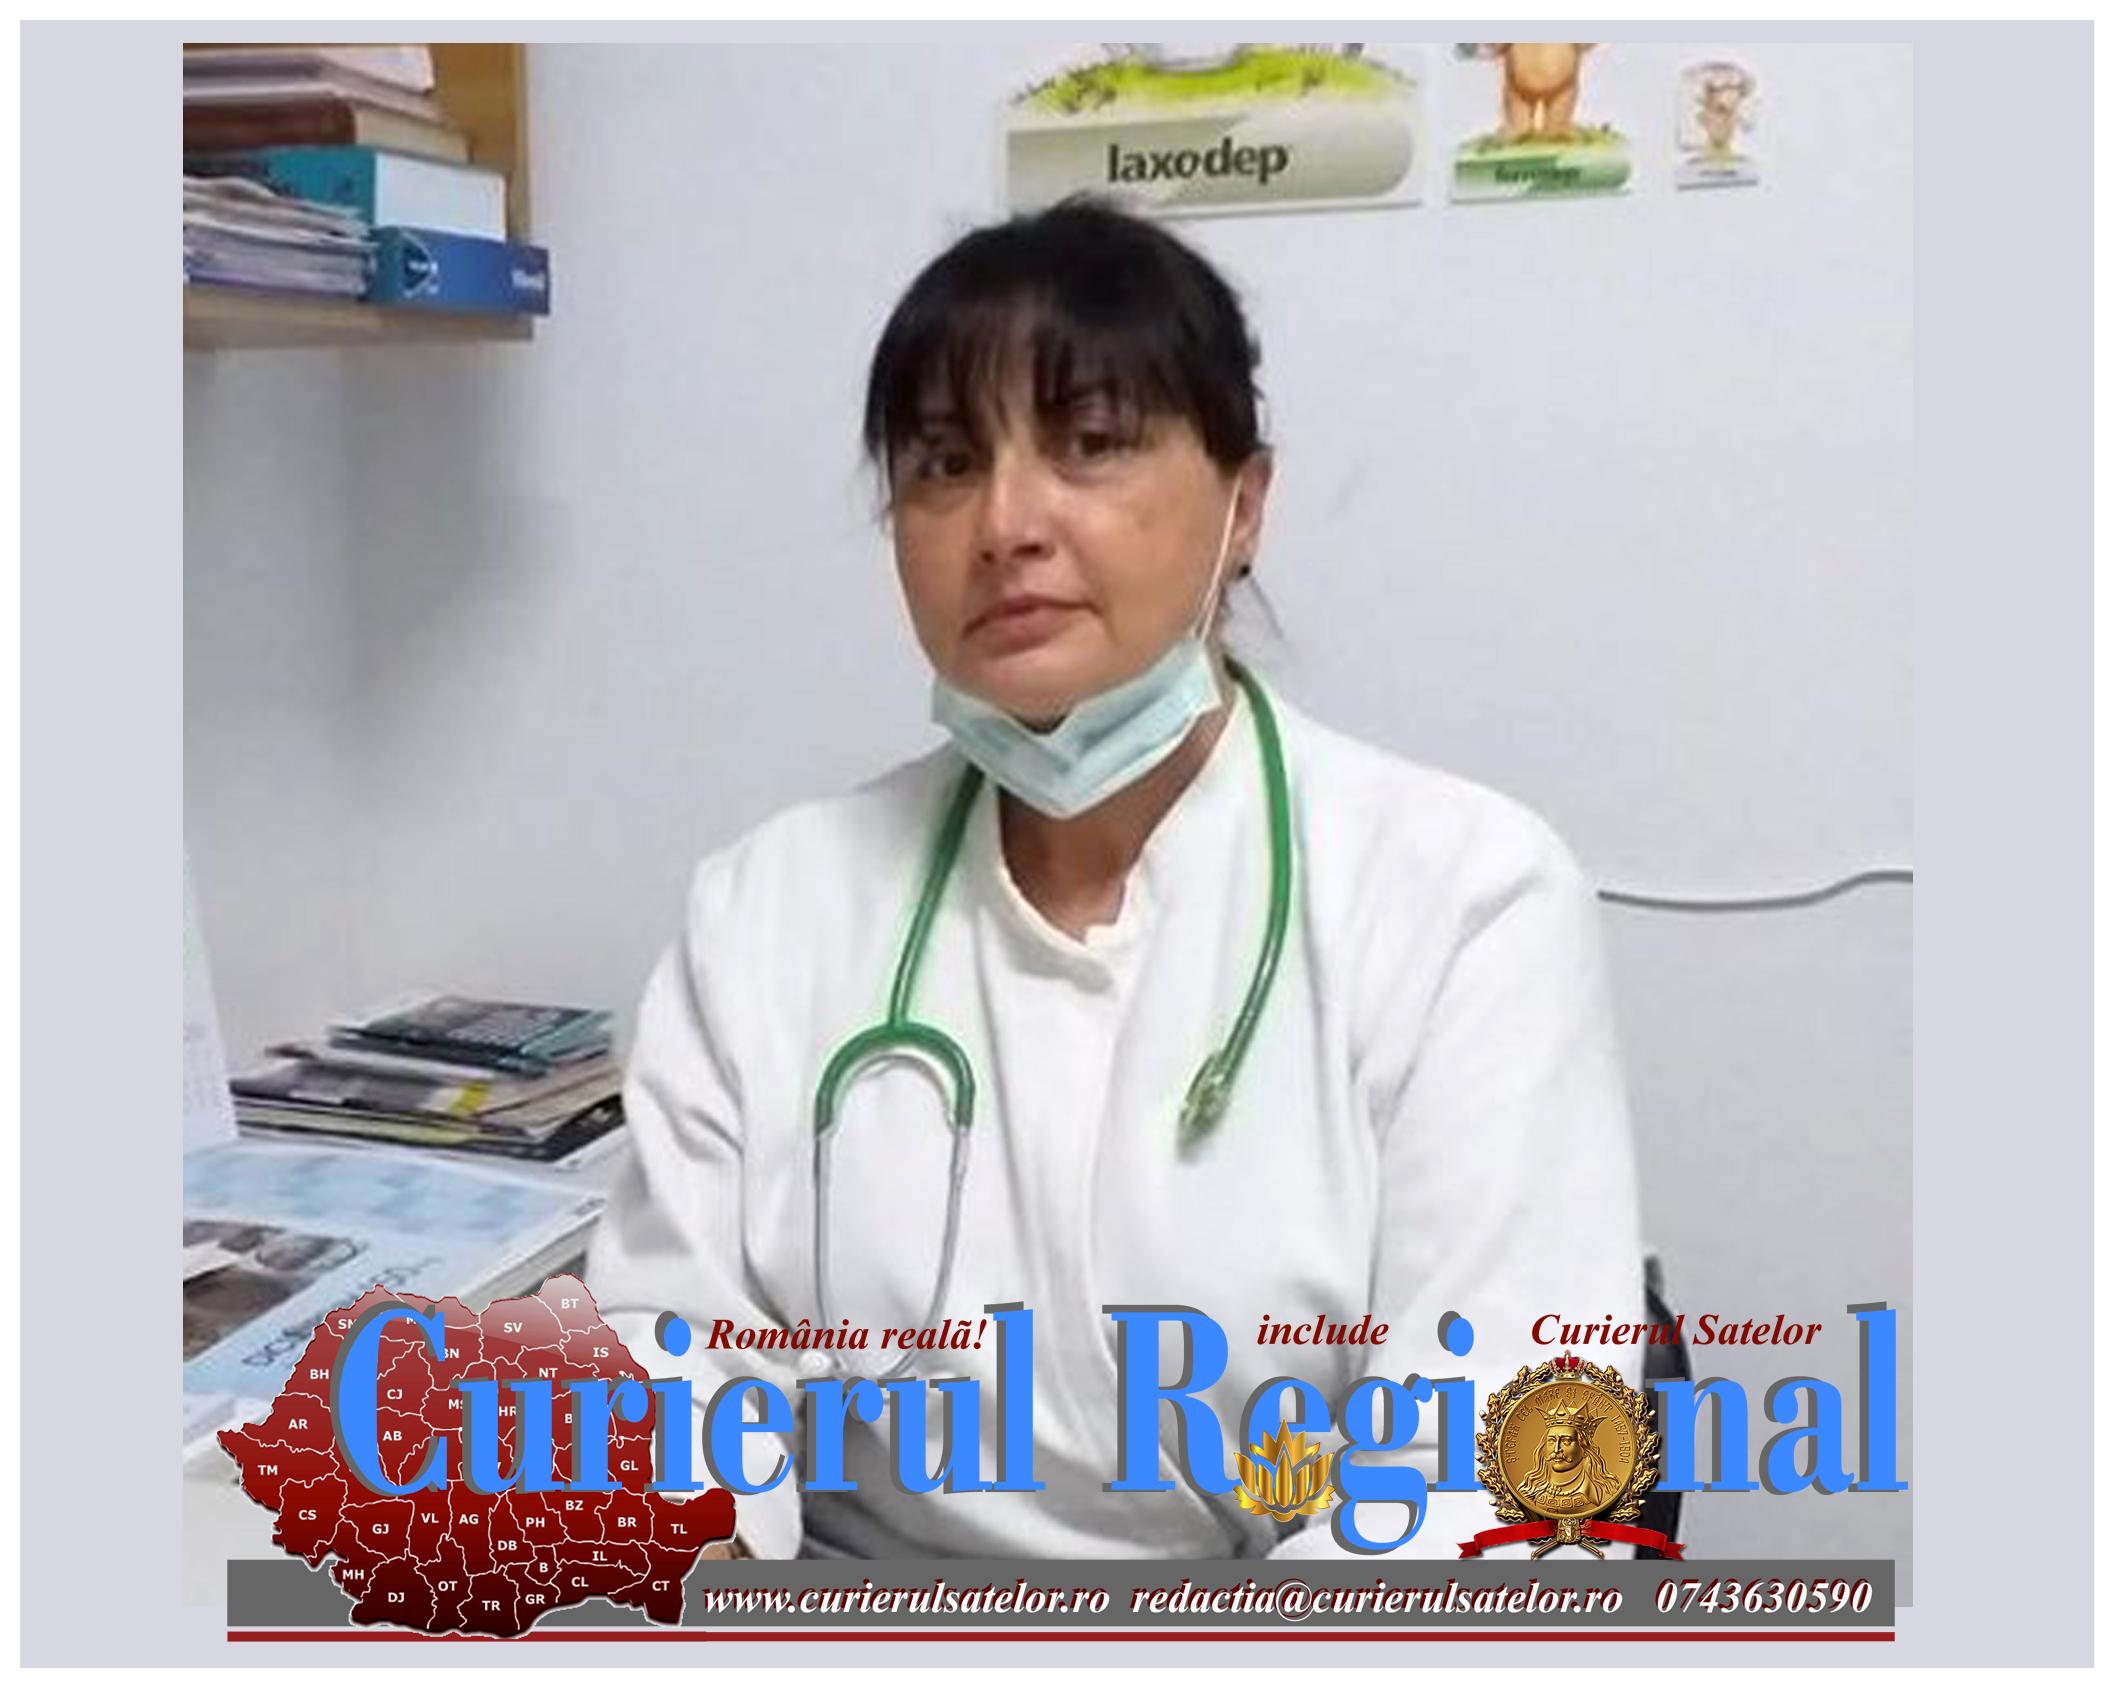 Tamara Ciofu luptă cu Covid 19 și riscă oferindu-și ajutorul pentru cei ce nu au medic de familie 17